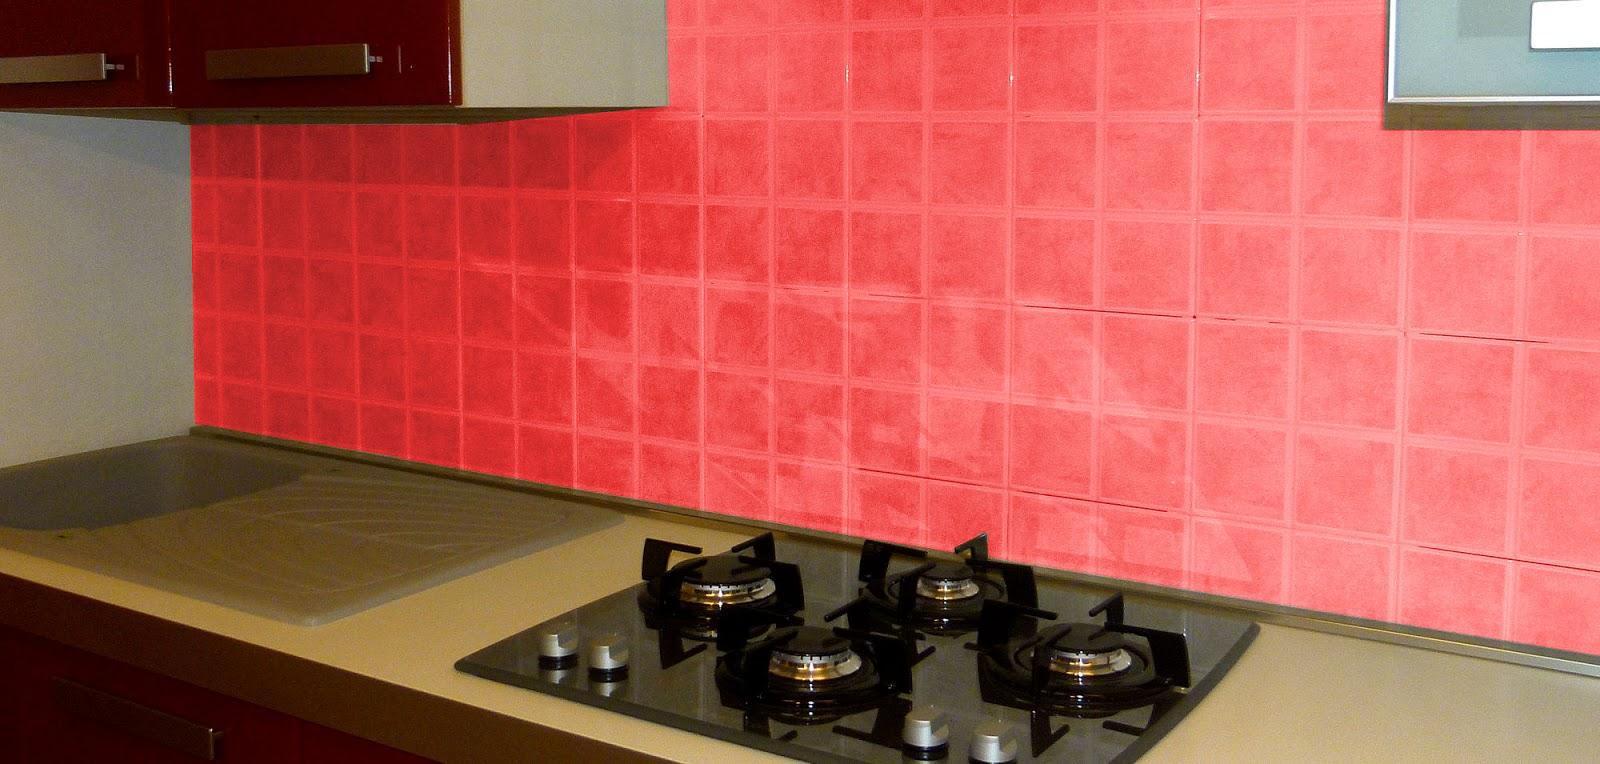 Errelab crea in resina pareti in resina per coprire vecchie piastrelle - Smalti bicomponenti per pitturare piastrelle o ceramiche ...